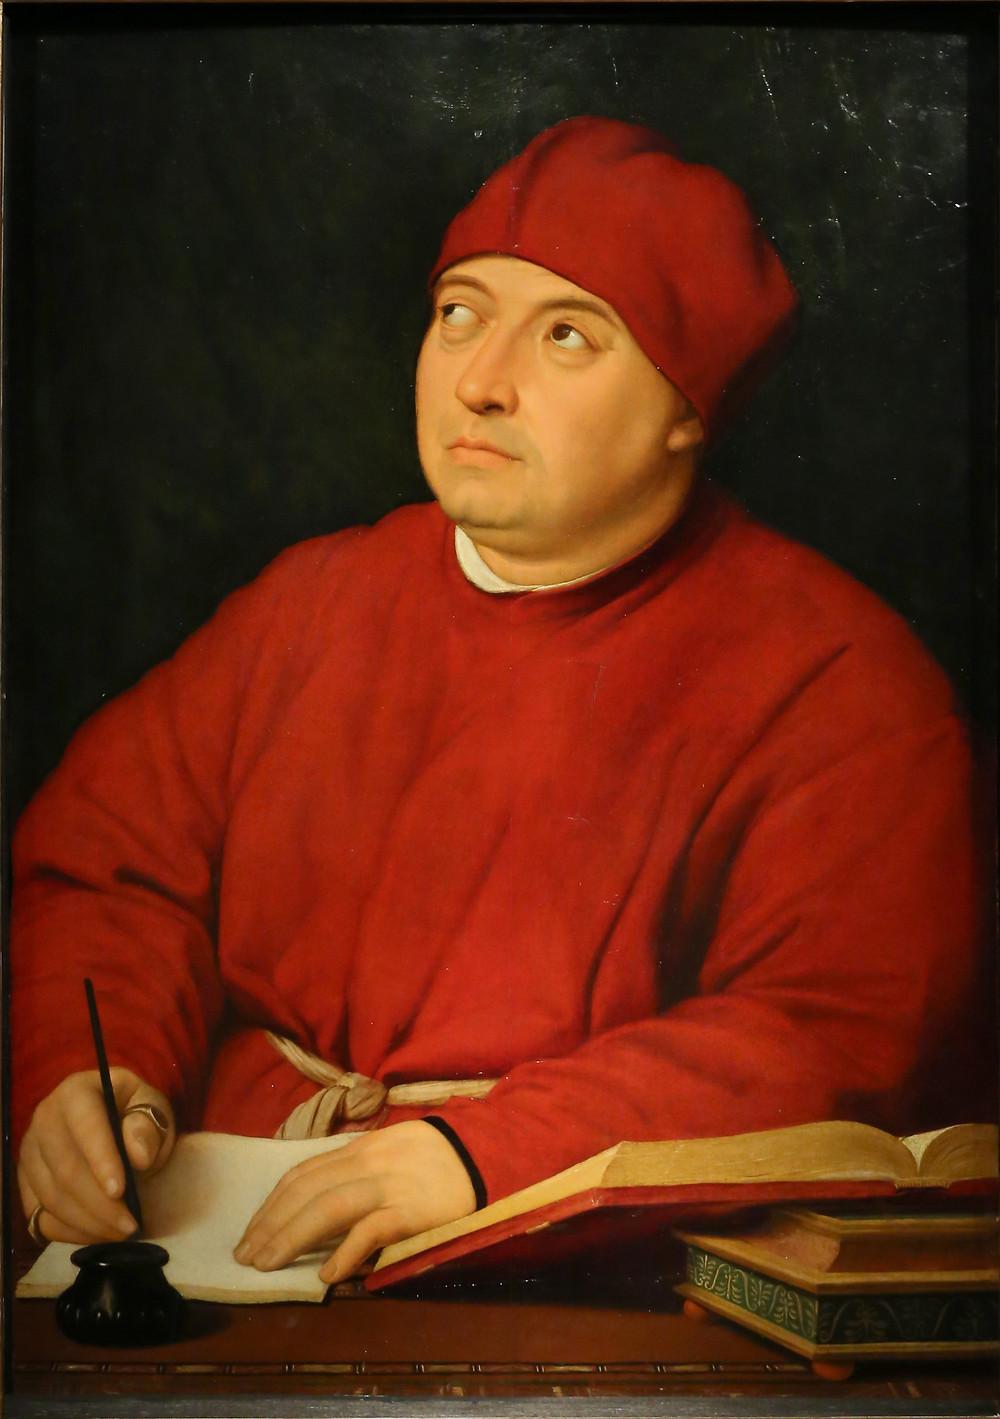 Tommasso Inghirami'nin Portresi. Sanatçı: Raffaello Sanzio da Urbino  1483 – 1520